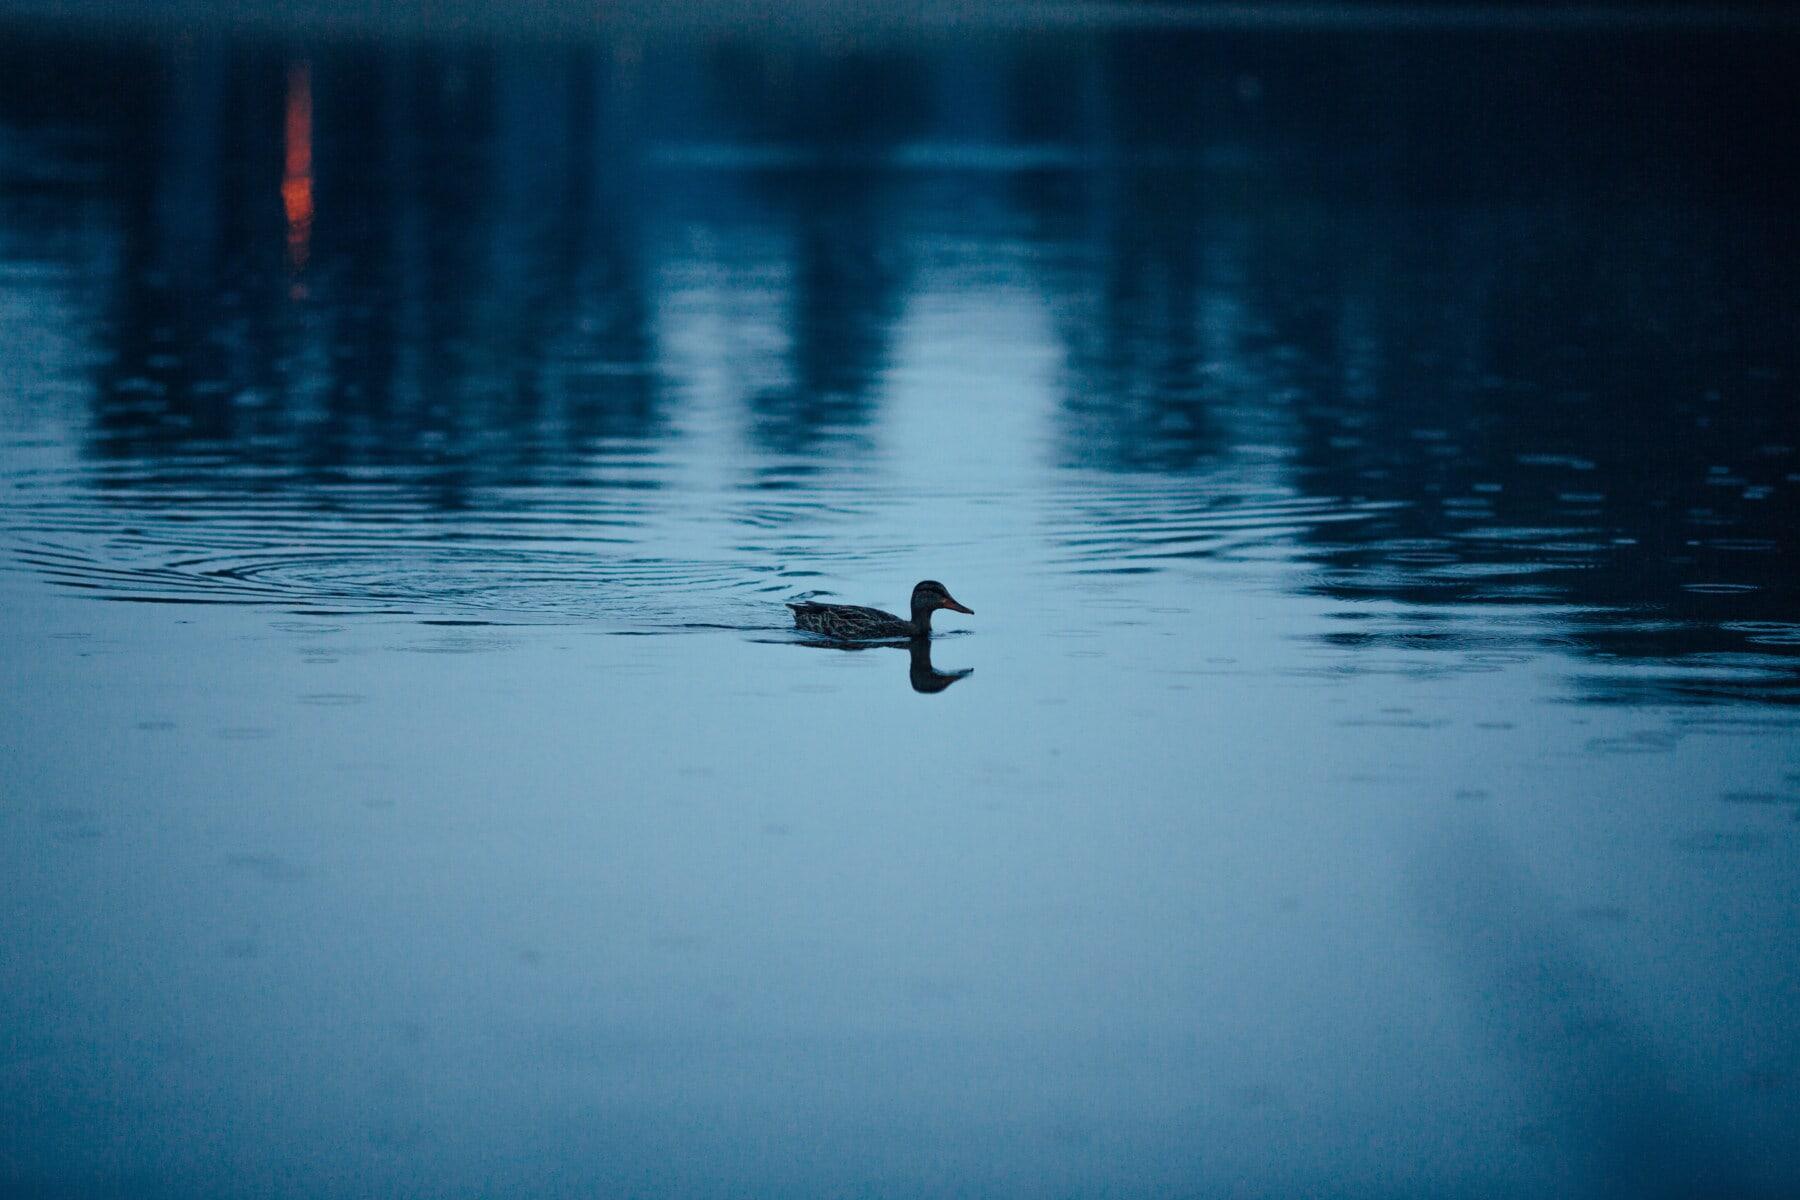 Kaczka, Zmierzch, pływanie, zachód słońca, ciemny, ptaka, odbicie, ptak, Jezioro, wody